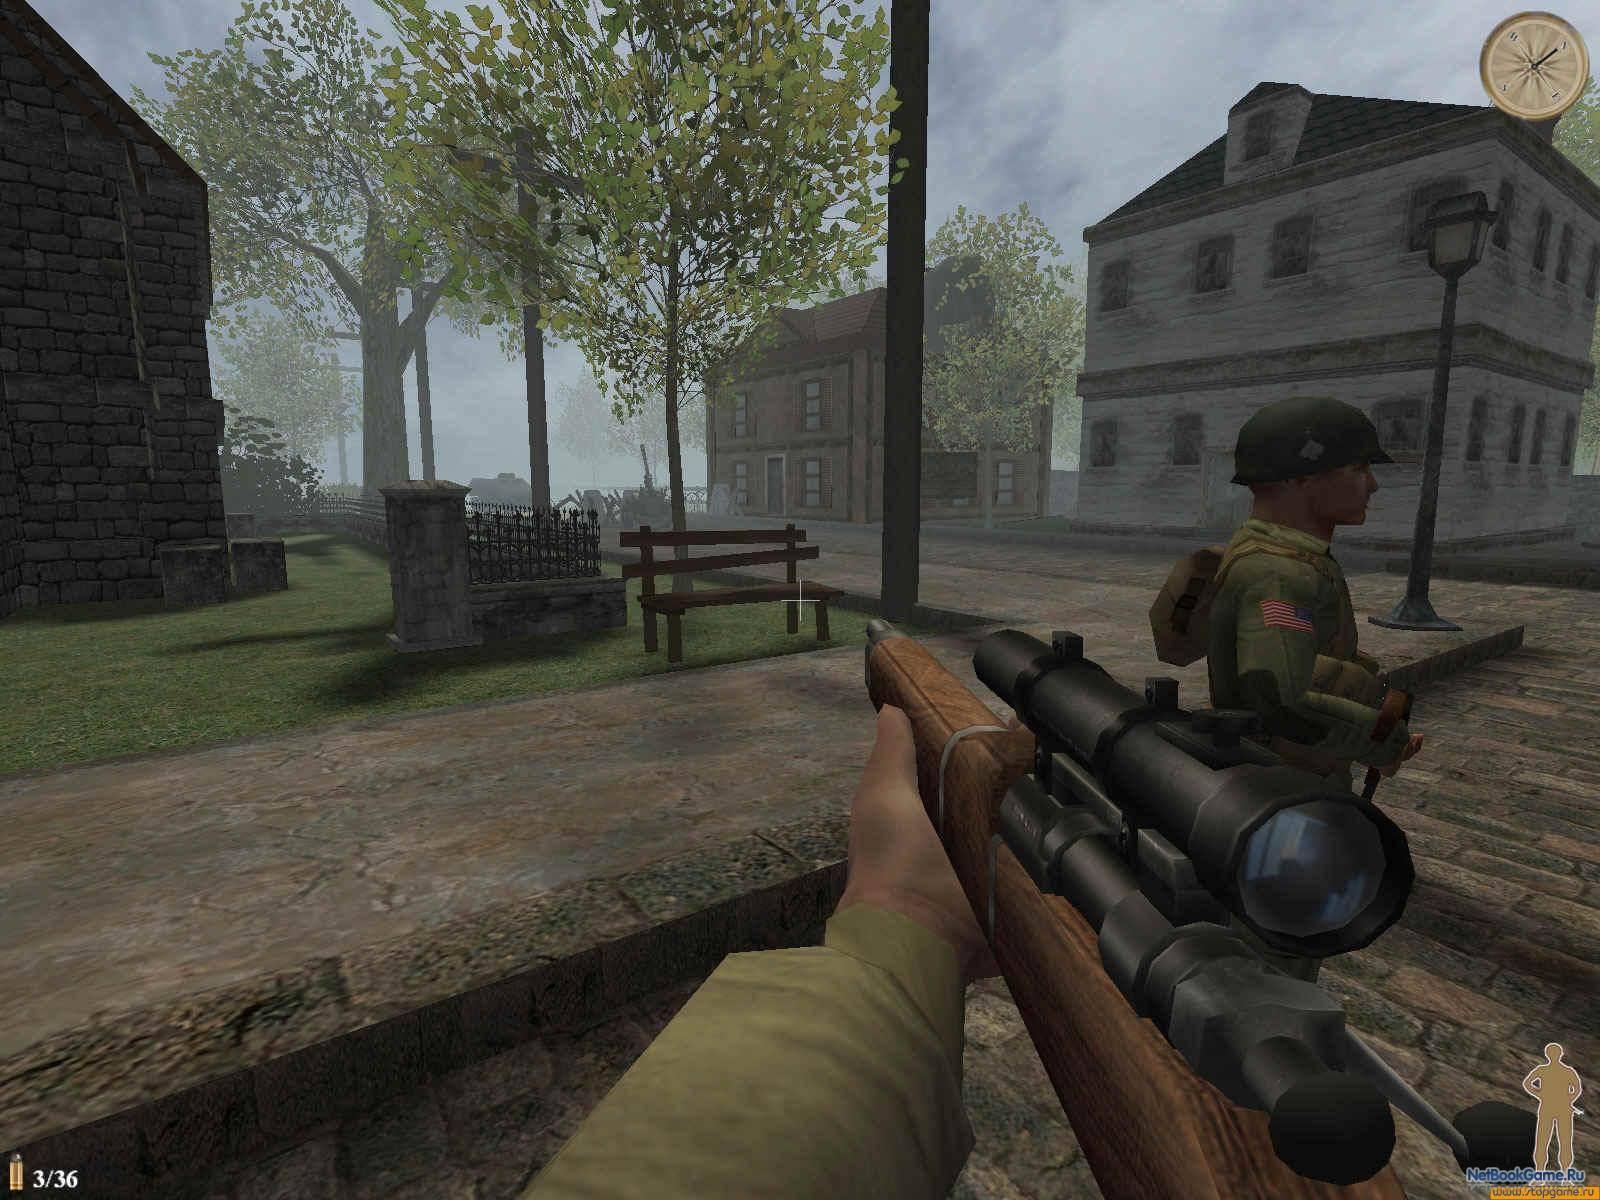 Скачать бесплатно через торрент игры на пк снайпер дороги войны фото 172-413